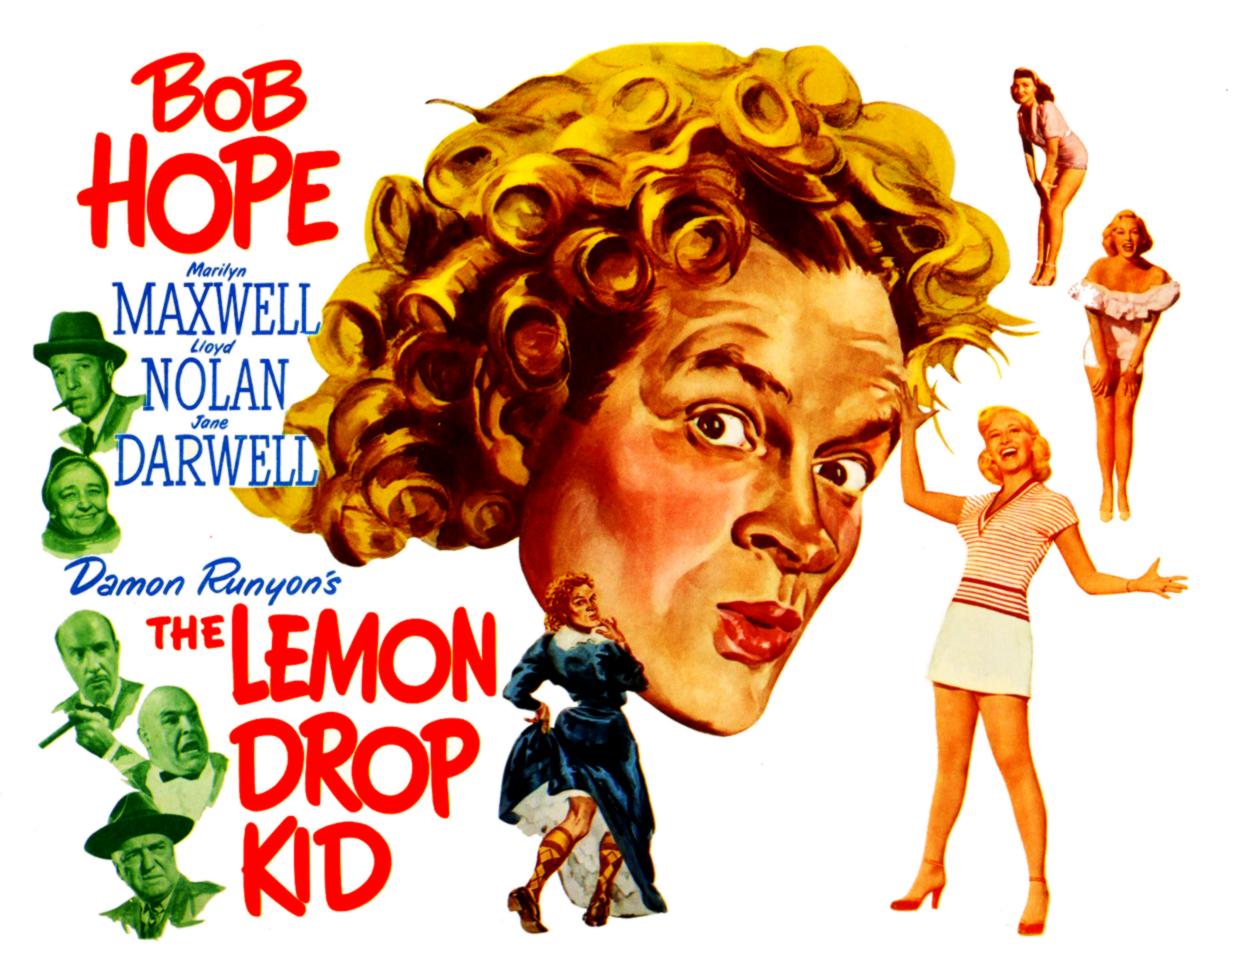 El chico de las pastillas de limón